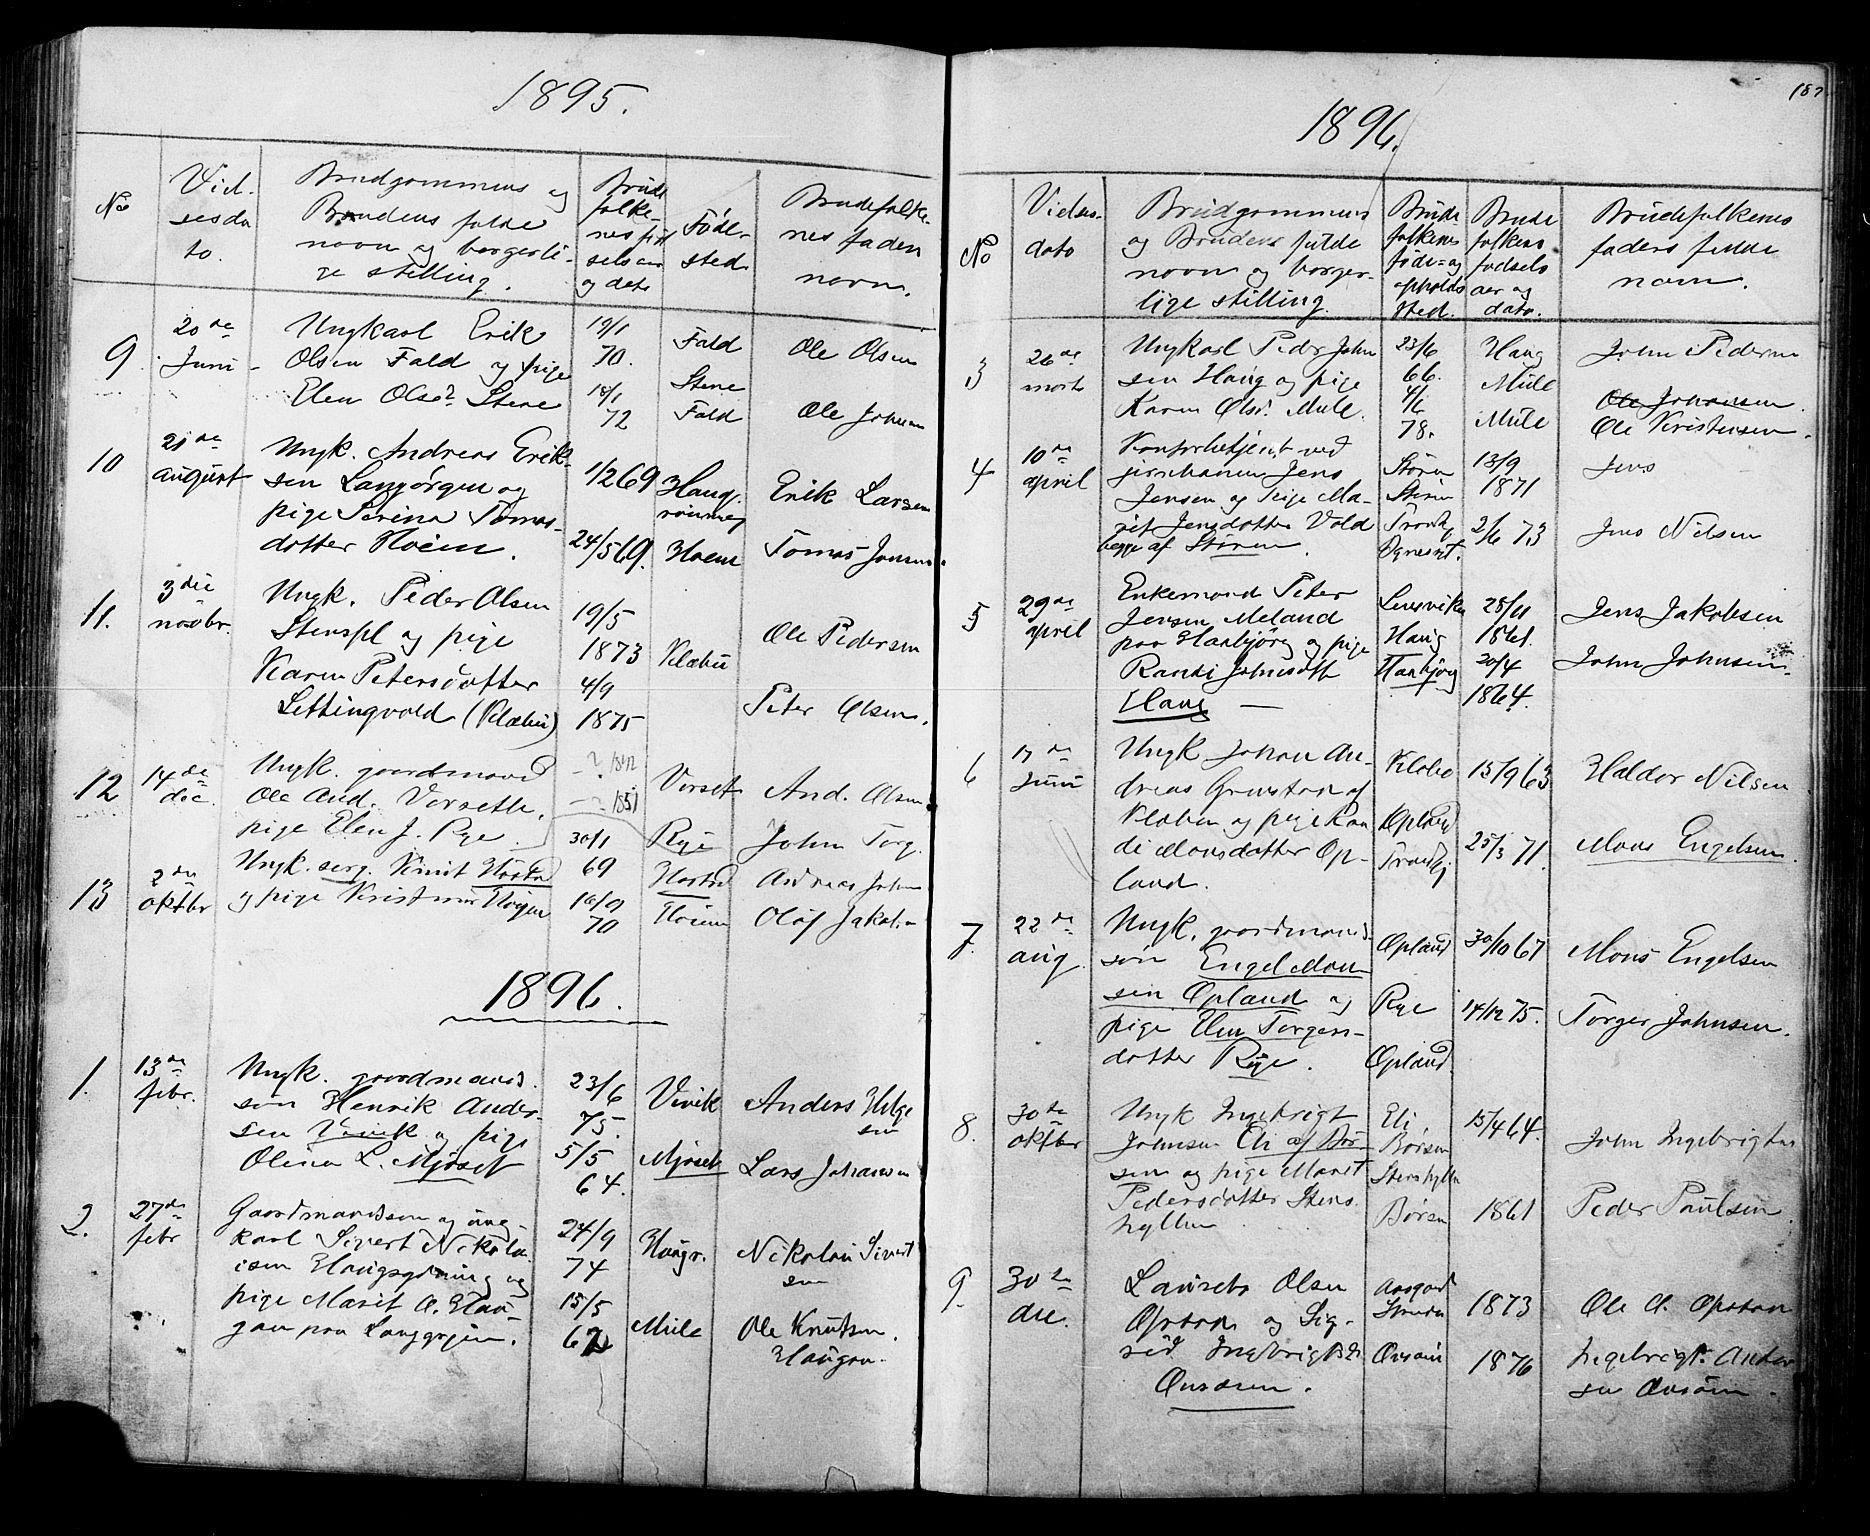 SAT, Ministerialprotokoller, klokkerbøker og fødselsregistre - Sør-Trøndelag, 612/L0387: Klokkerbok nr. 612C03, 1874-1908, s. 187